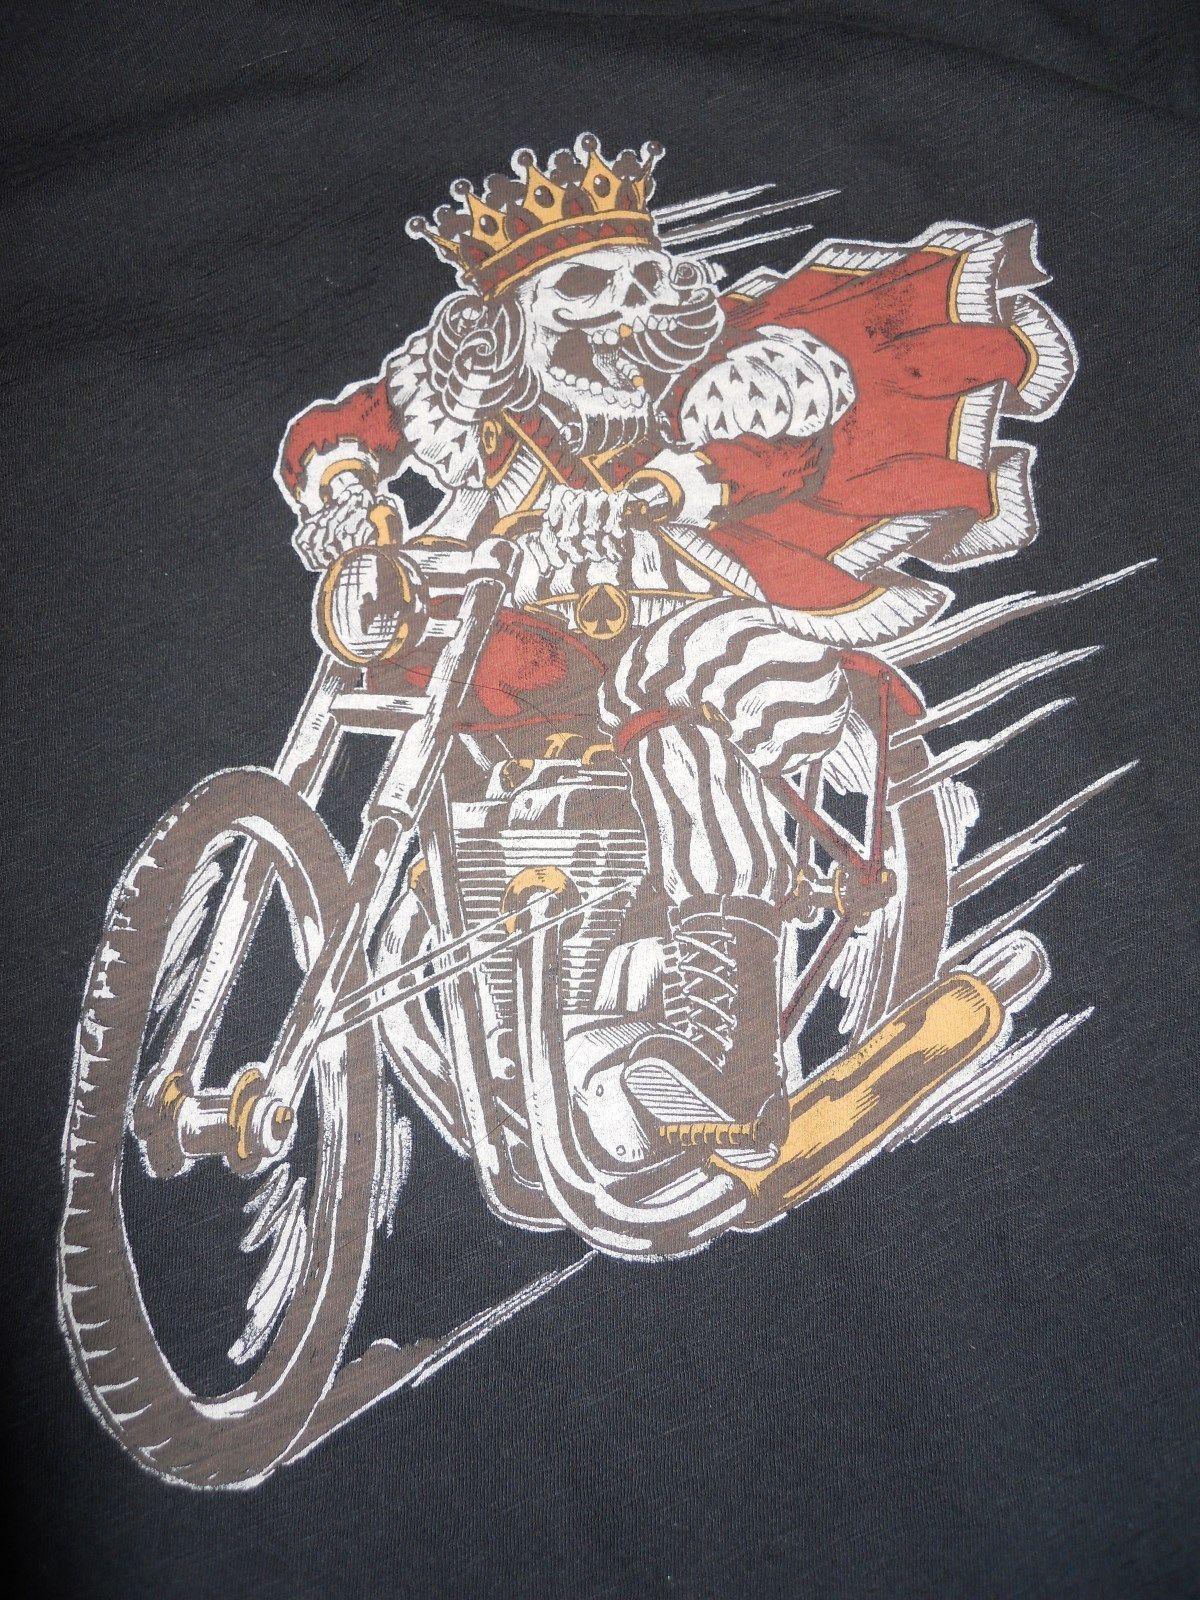 Lucky Brand King Skull Moto Tee